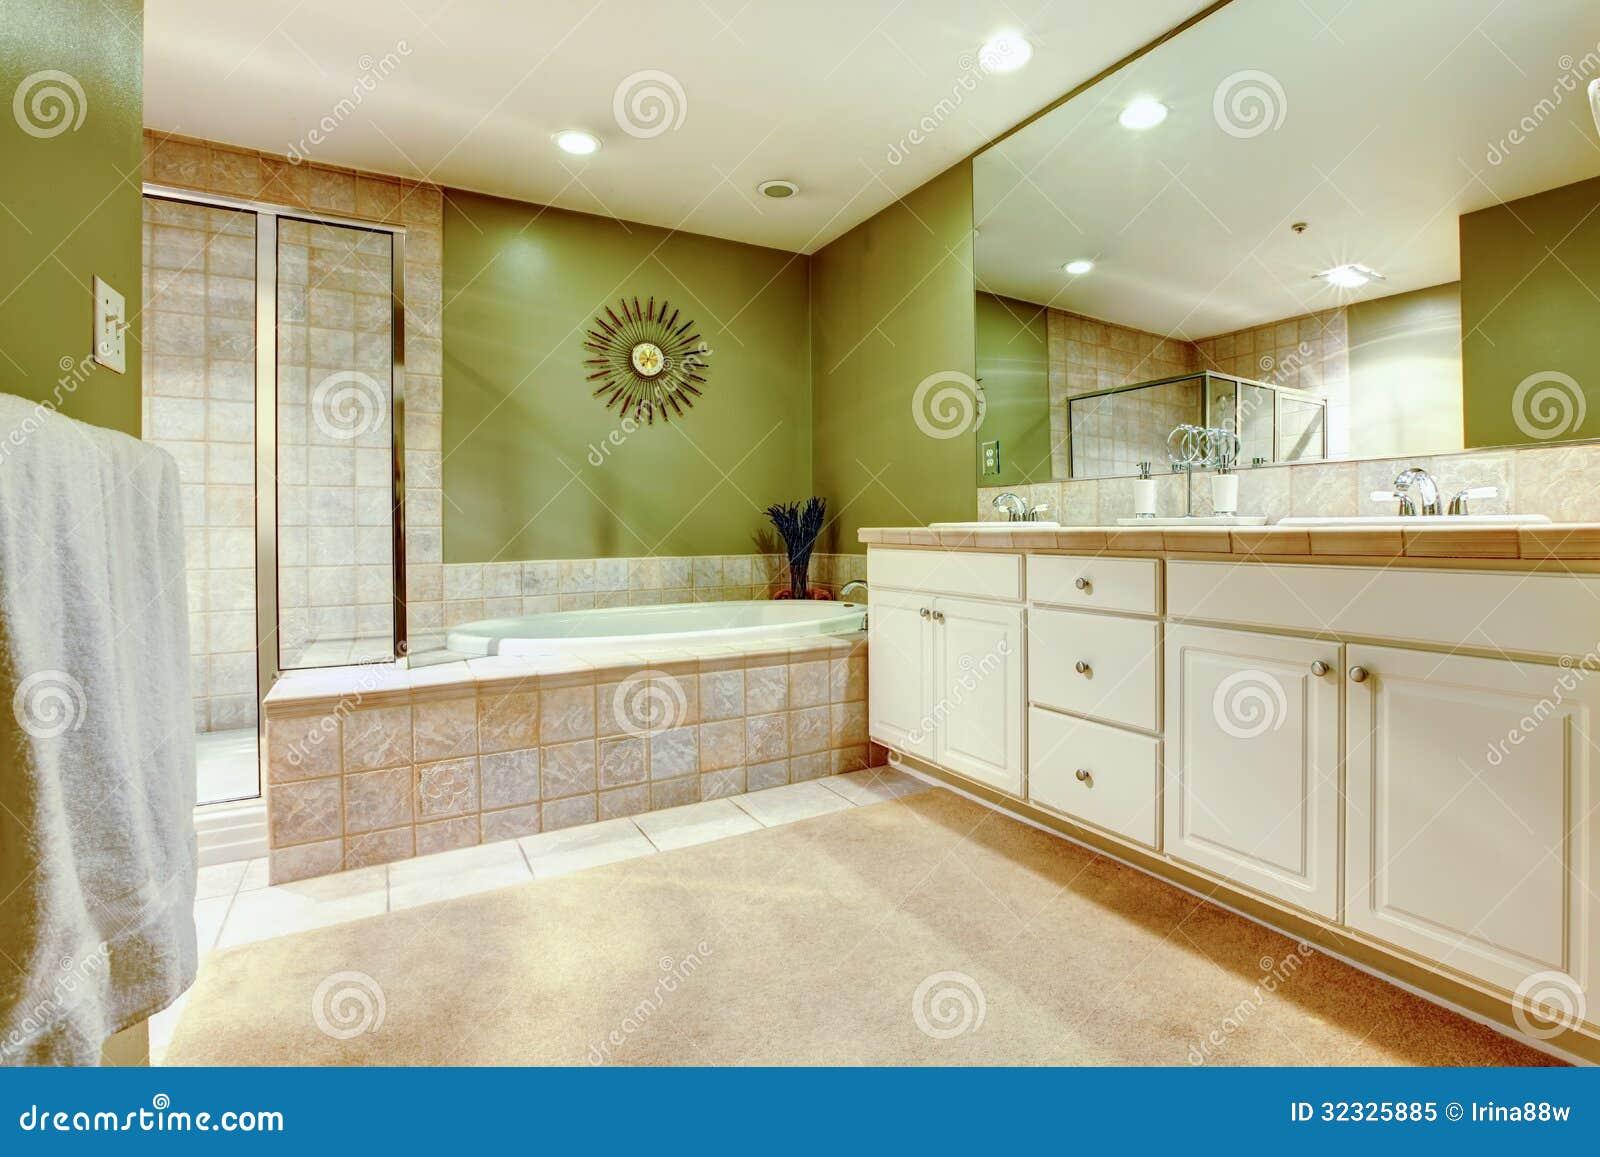 Bagno verde e bianco con due lavandini vasca e docce immagine stock immagine di interno - Bagno arancione e bianco ...